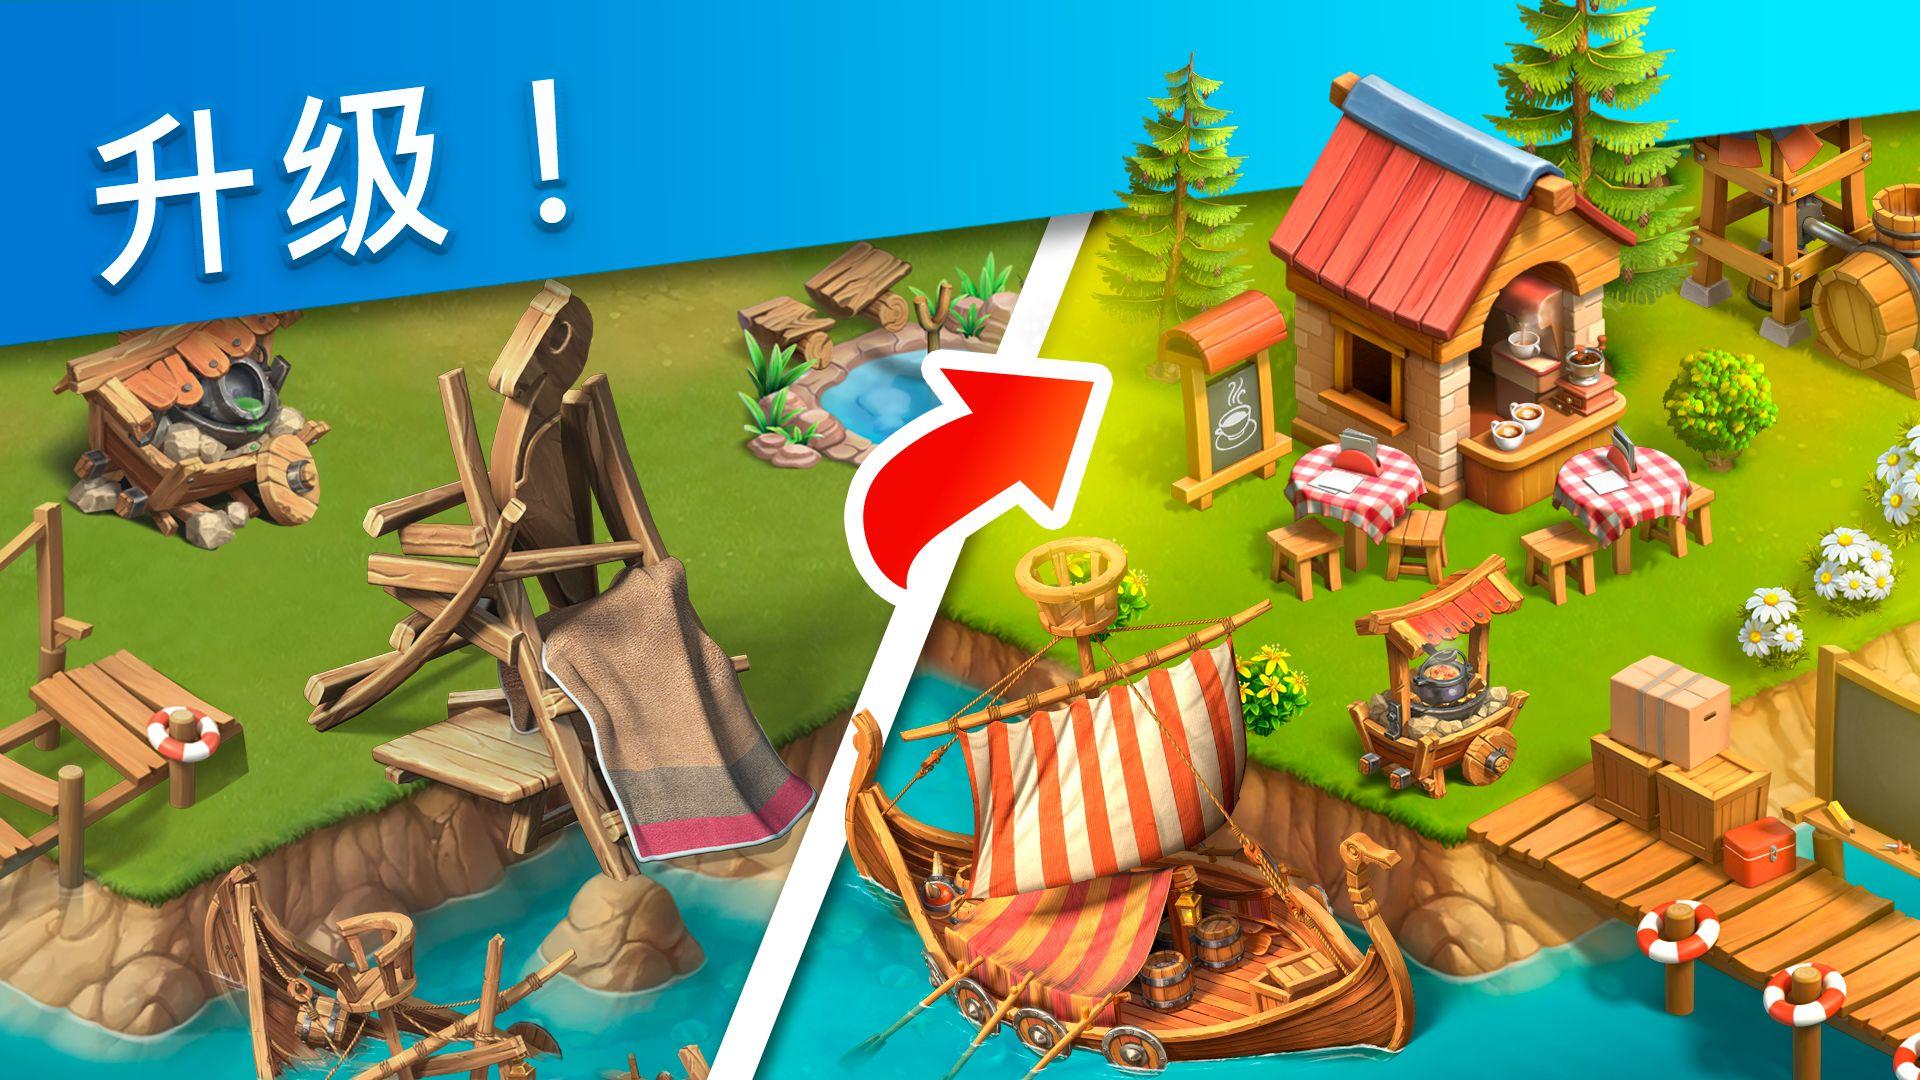 欢乐海湾:农场与奇遇 (Funky Bay) 游戏截图4